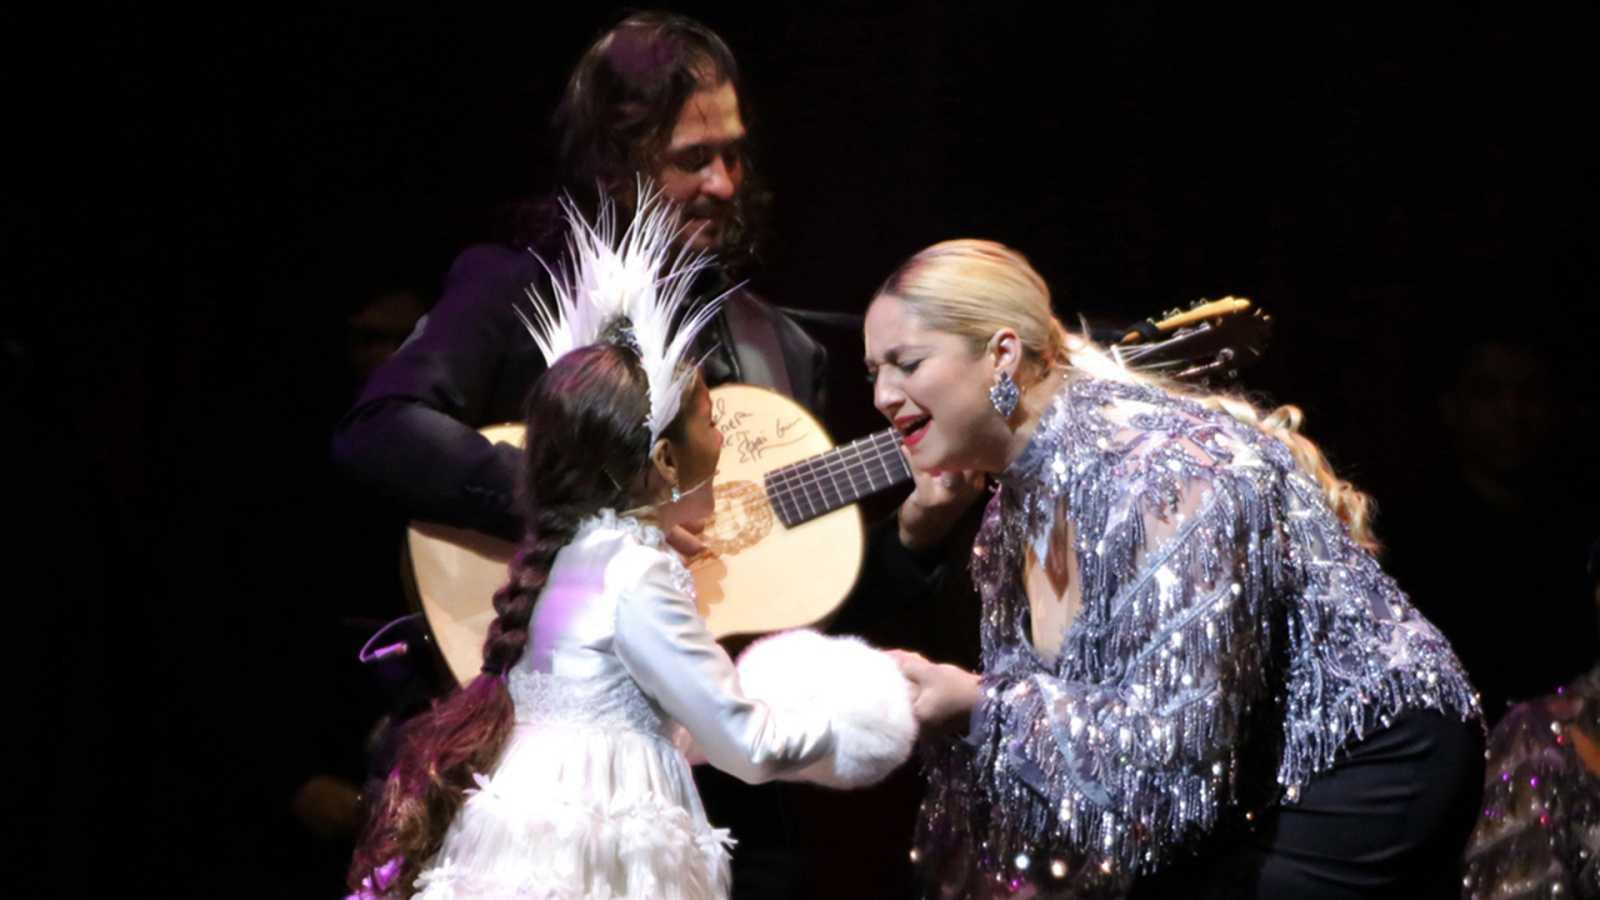 Soleá en un espectáculo con sus padres, Farru y Julia Manzano